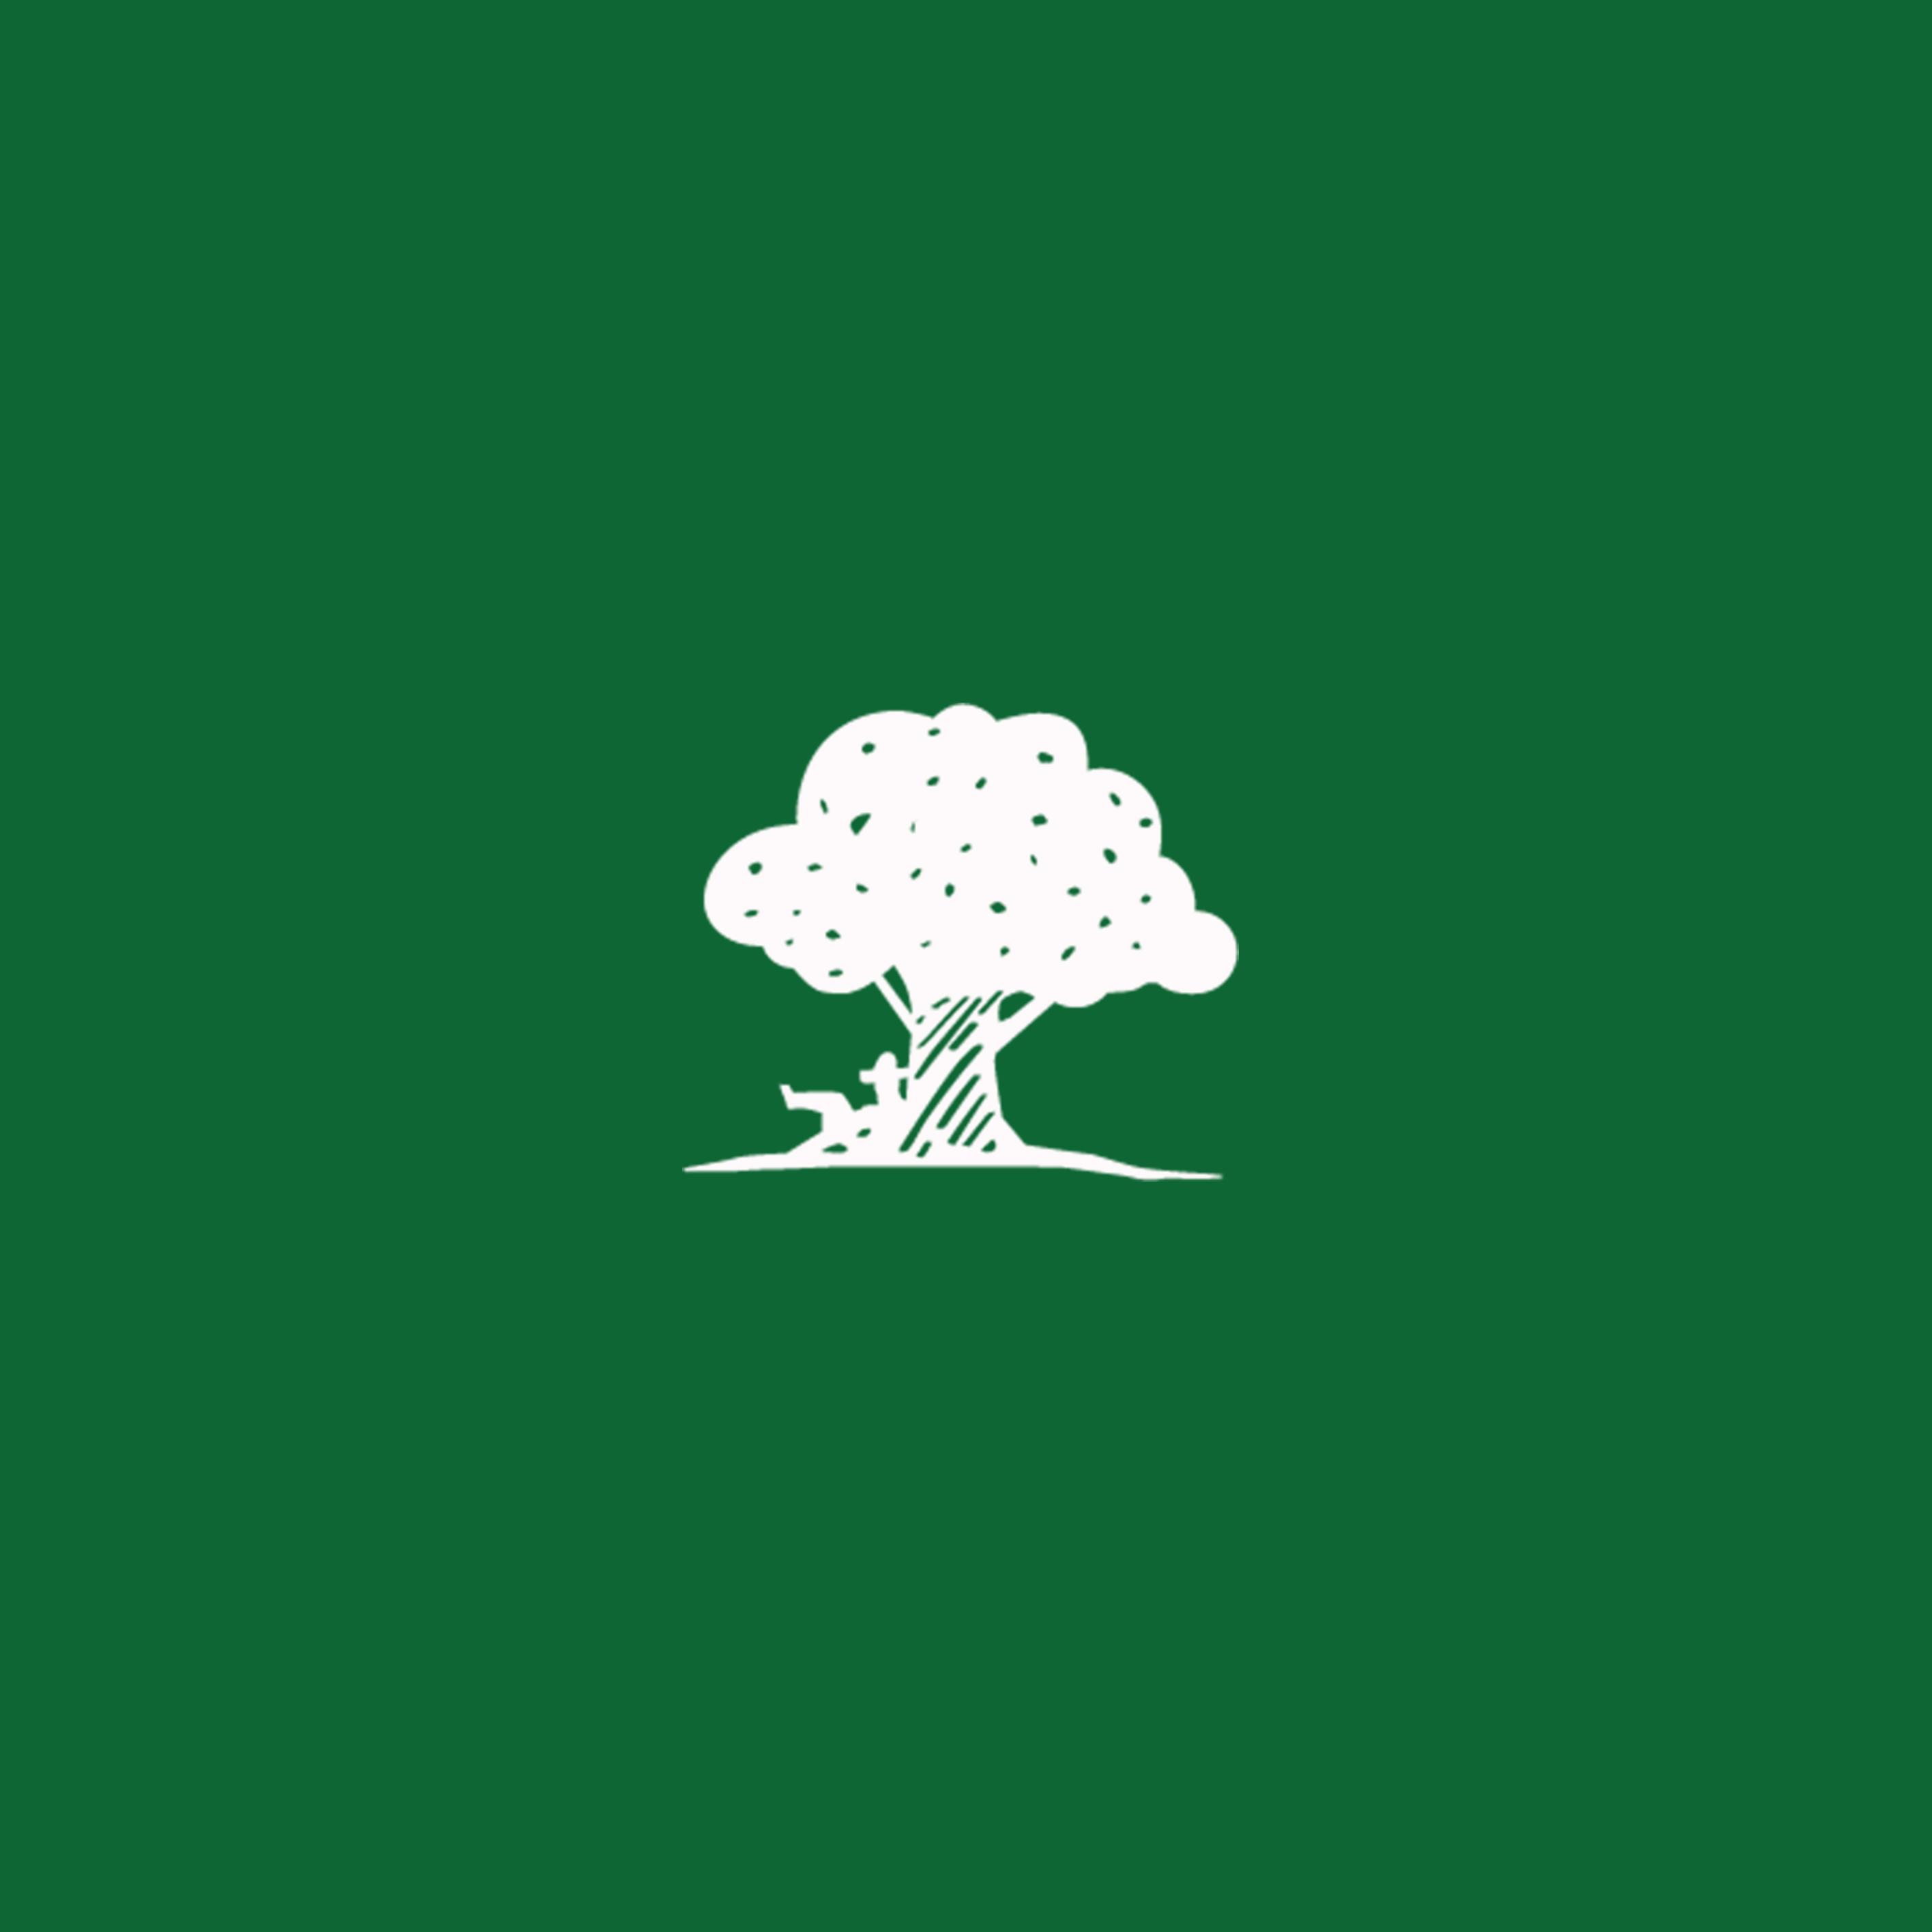 Quadrat Baum